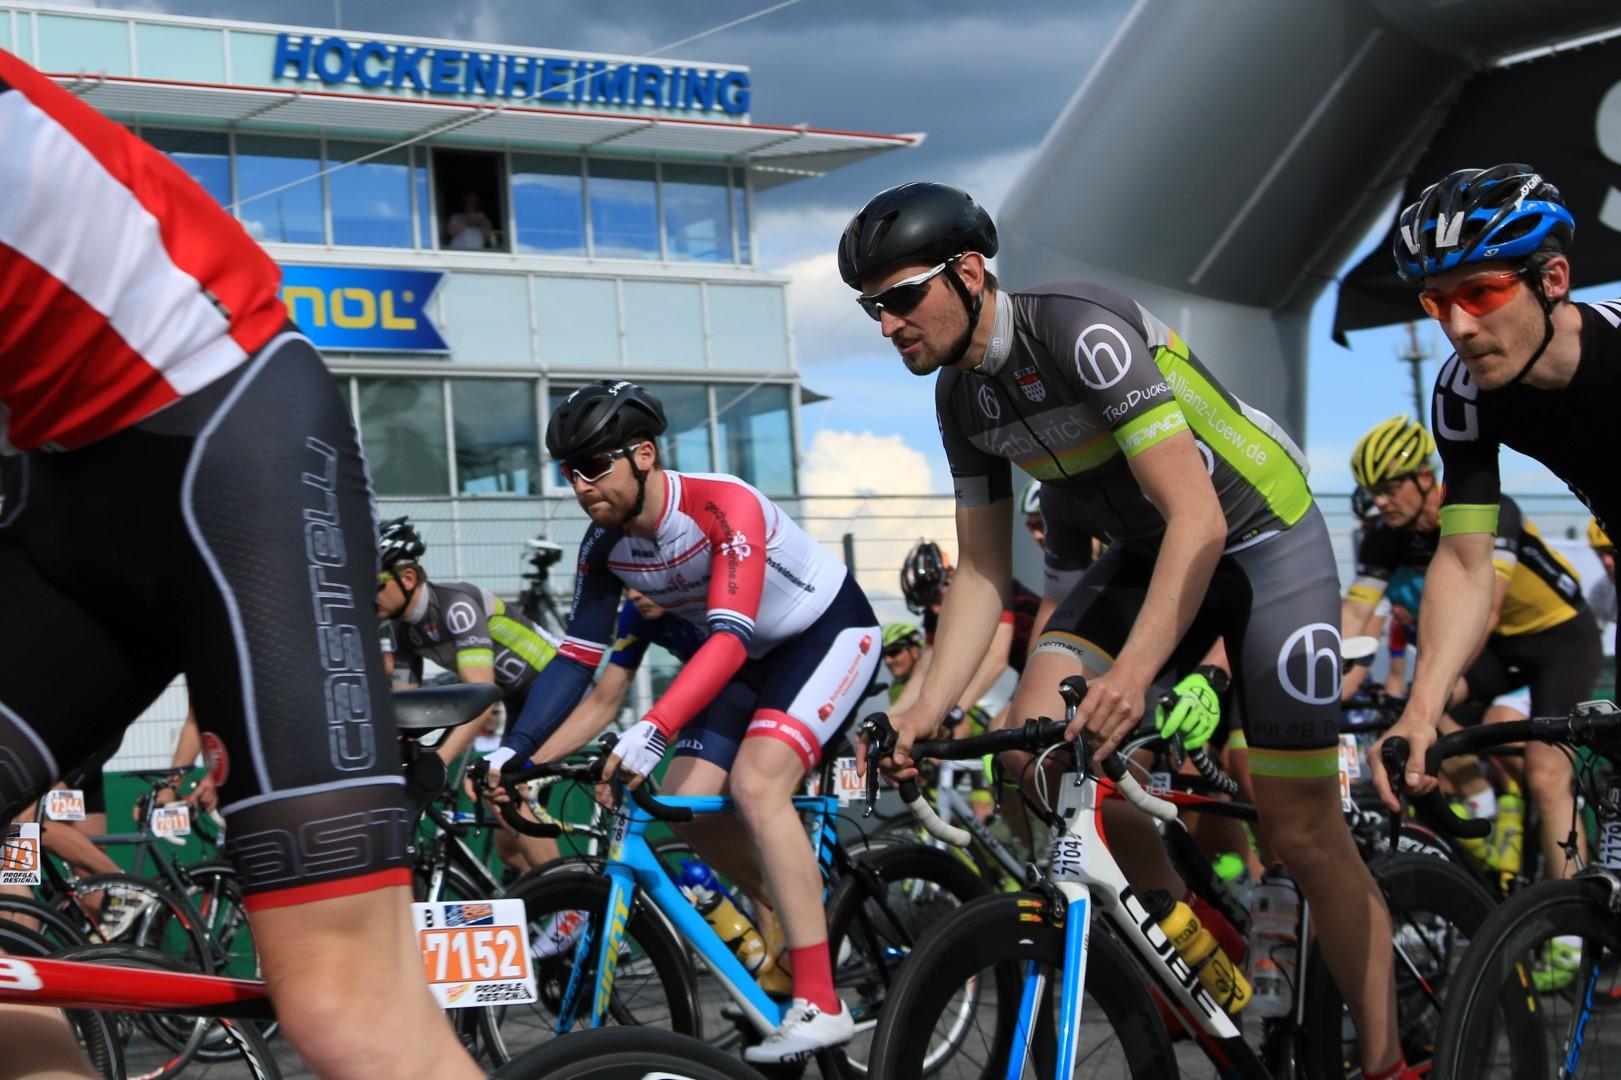 gcc2017hockenheim55